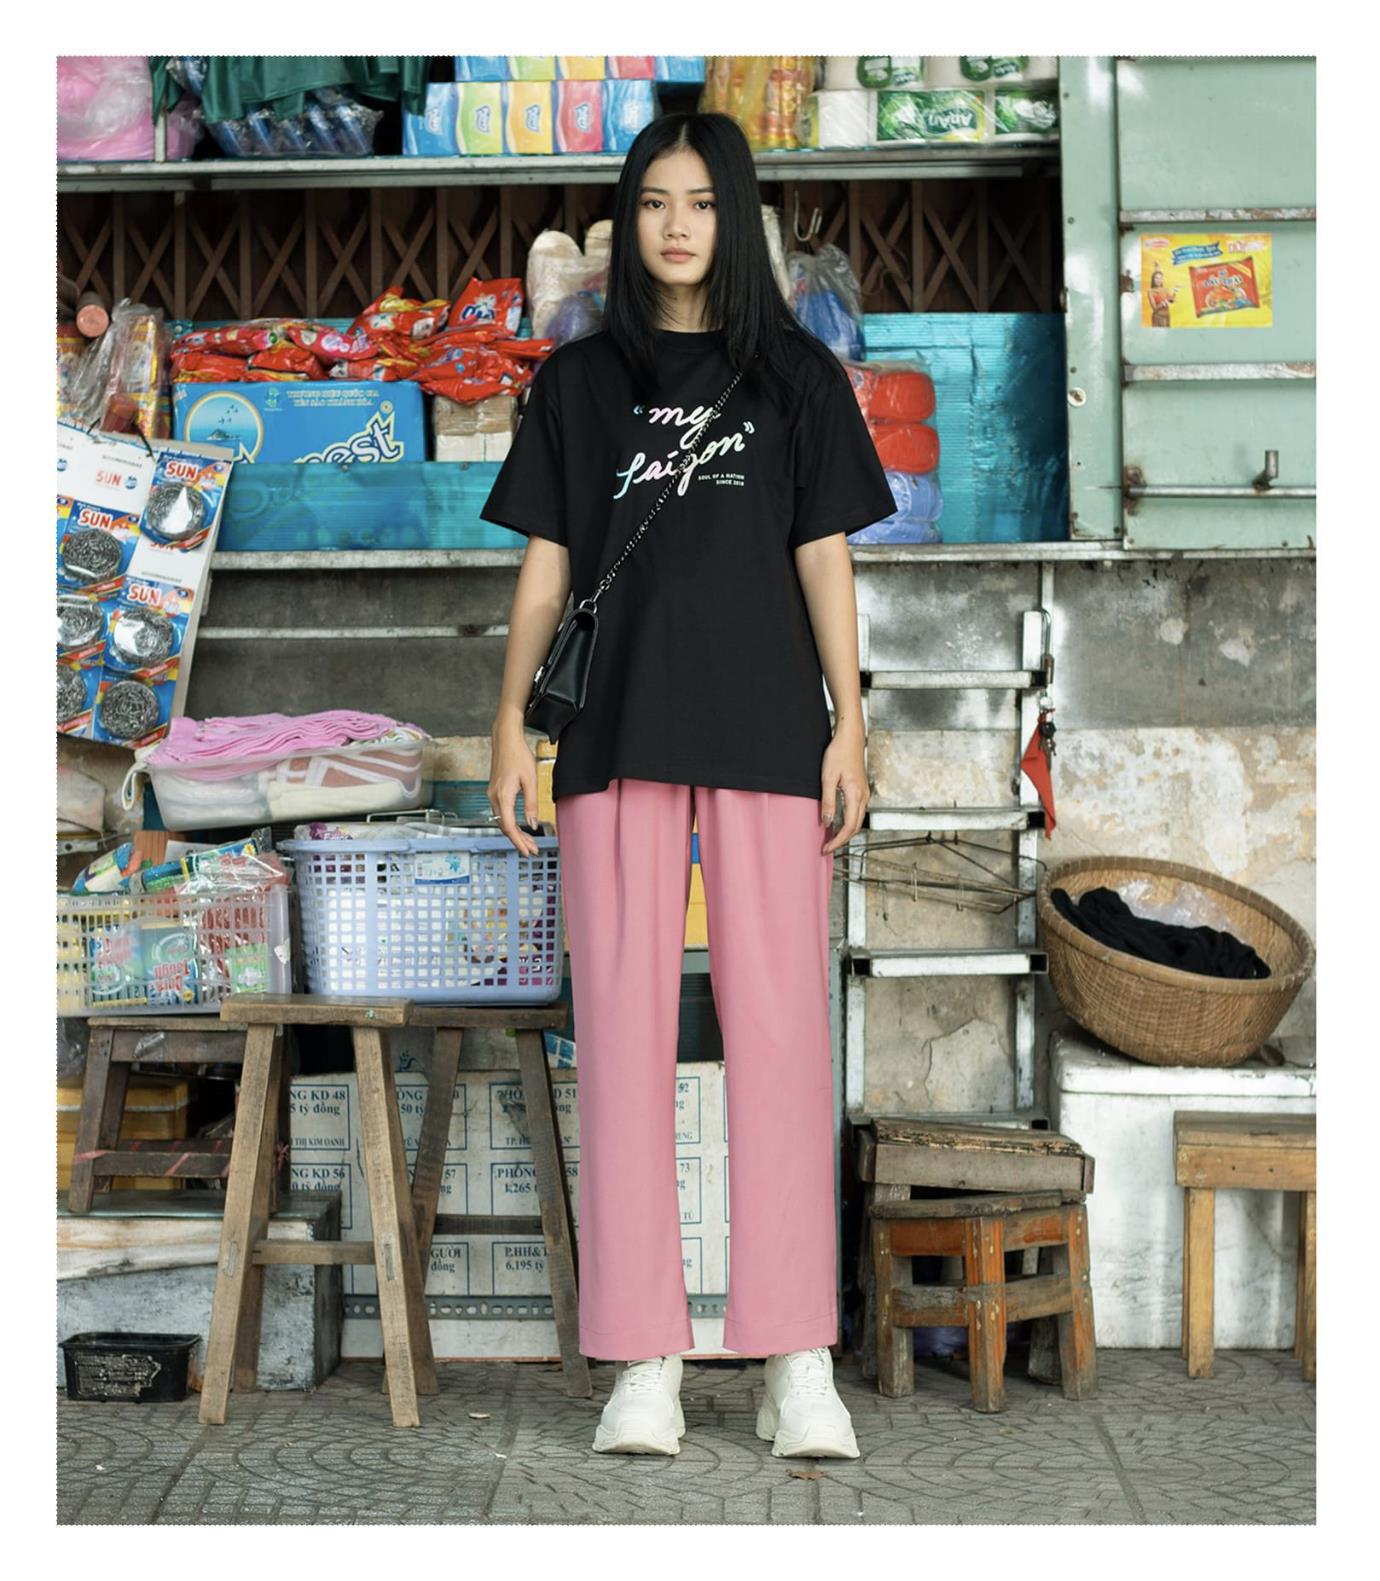 Soul of a Nation: Khi tự hào Việt Nam trở thành cảm hứng thời trang - Ảnh 4.